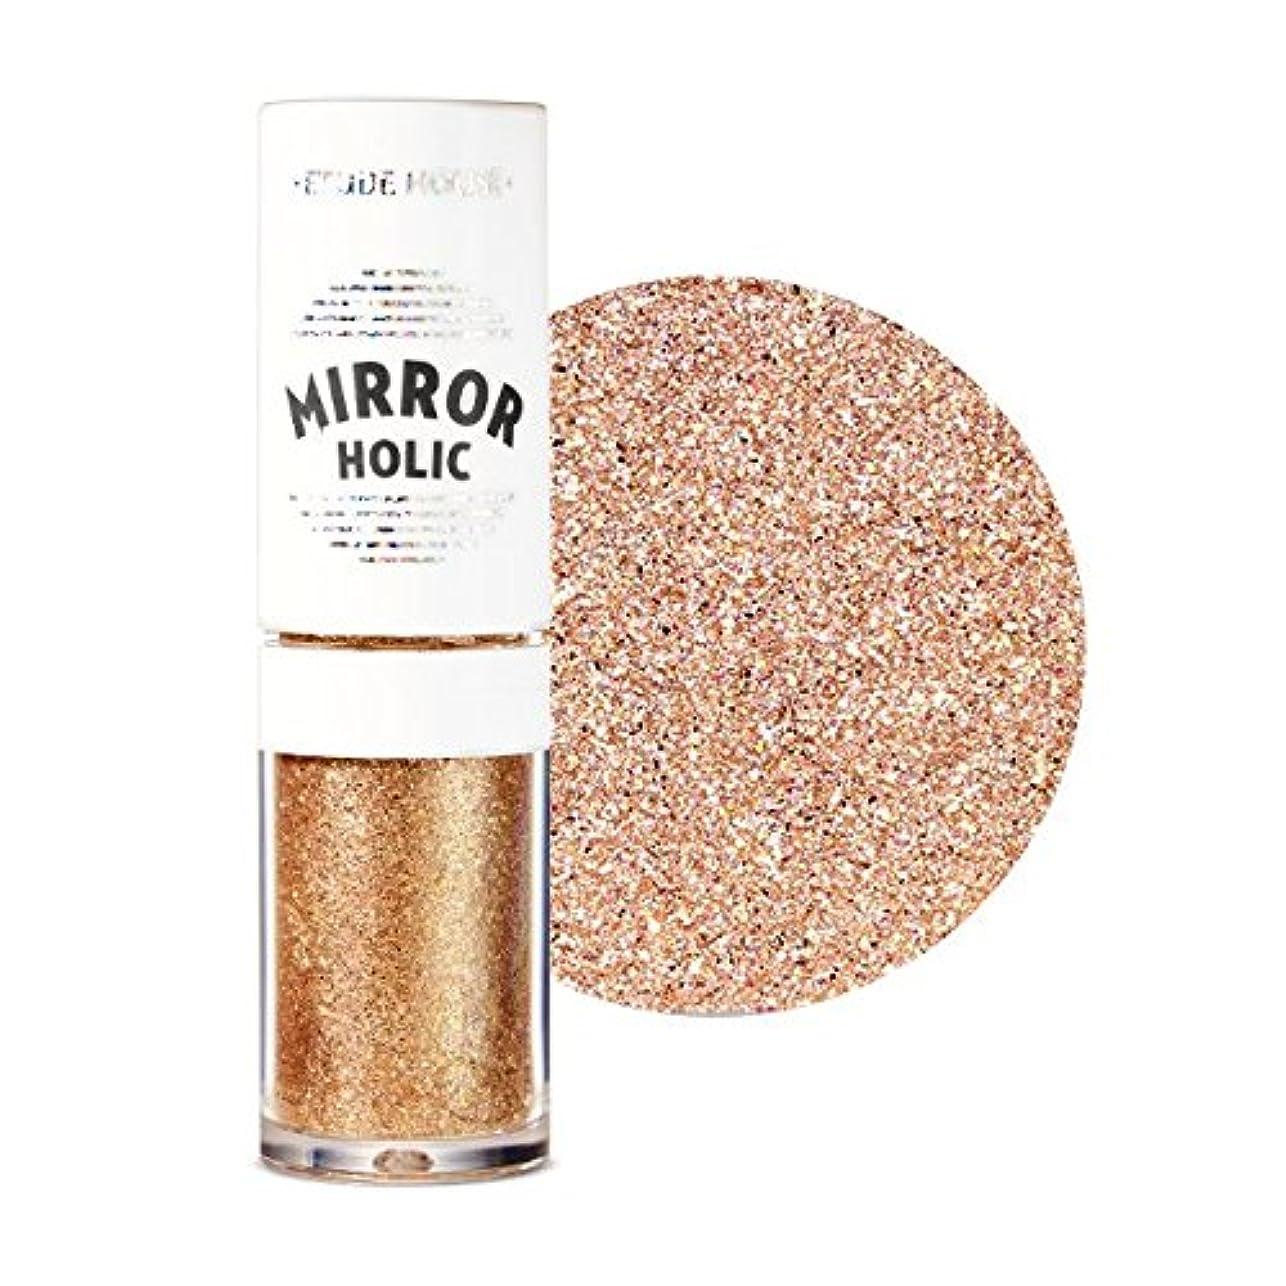 オーナメント枯れる上院ETUDE HOUSE Mirror Holic Liquid Eyes / エチュードハウス ミラーホリックリキッドアイズ ミラーホリックリキッドアイズ (BE101) [並行輸入品]